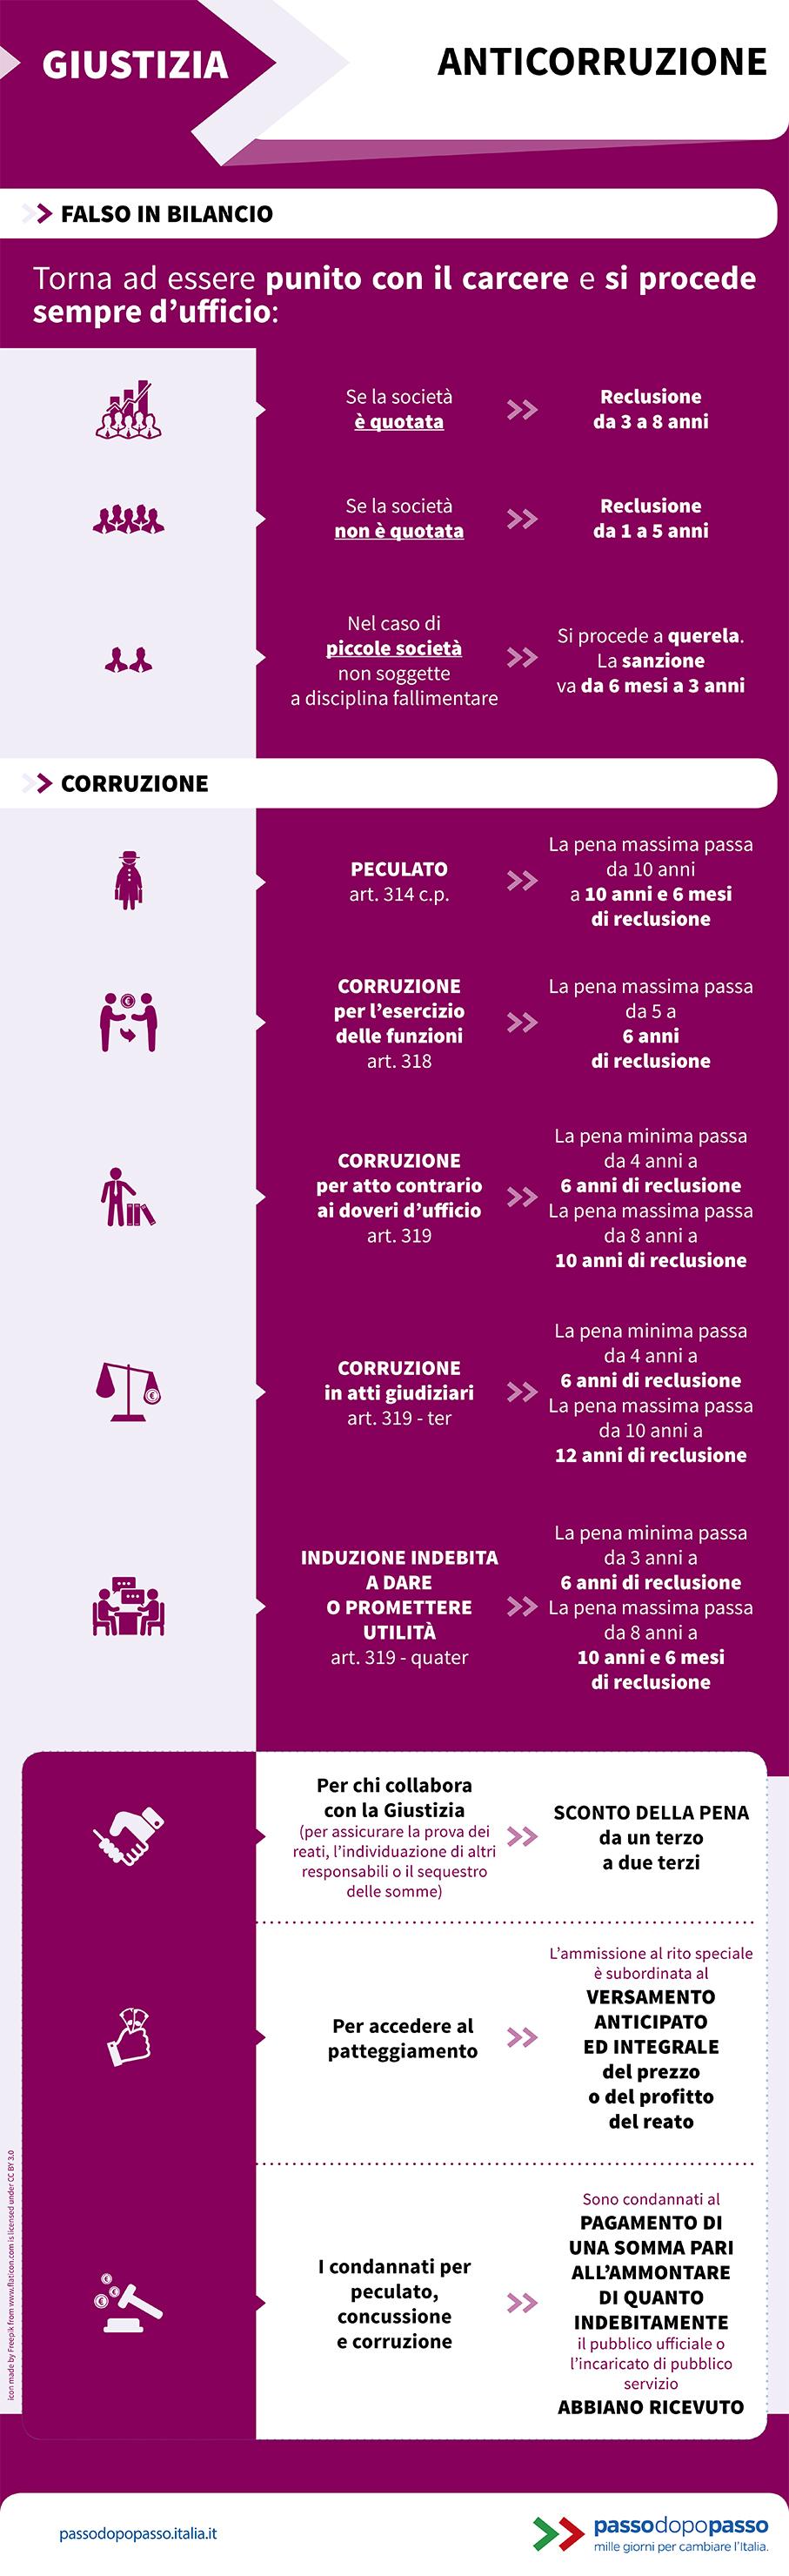 Infografica: Anticorruzione